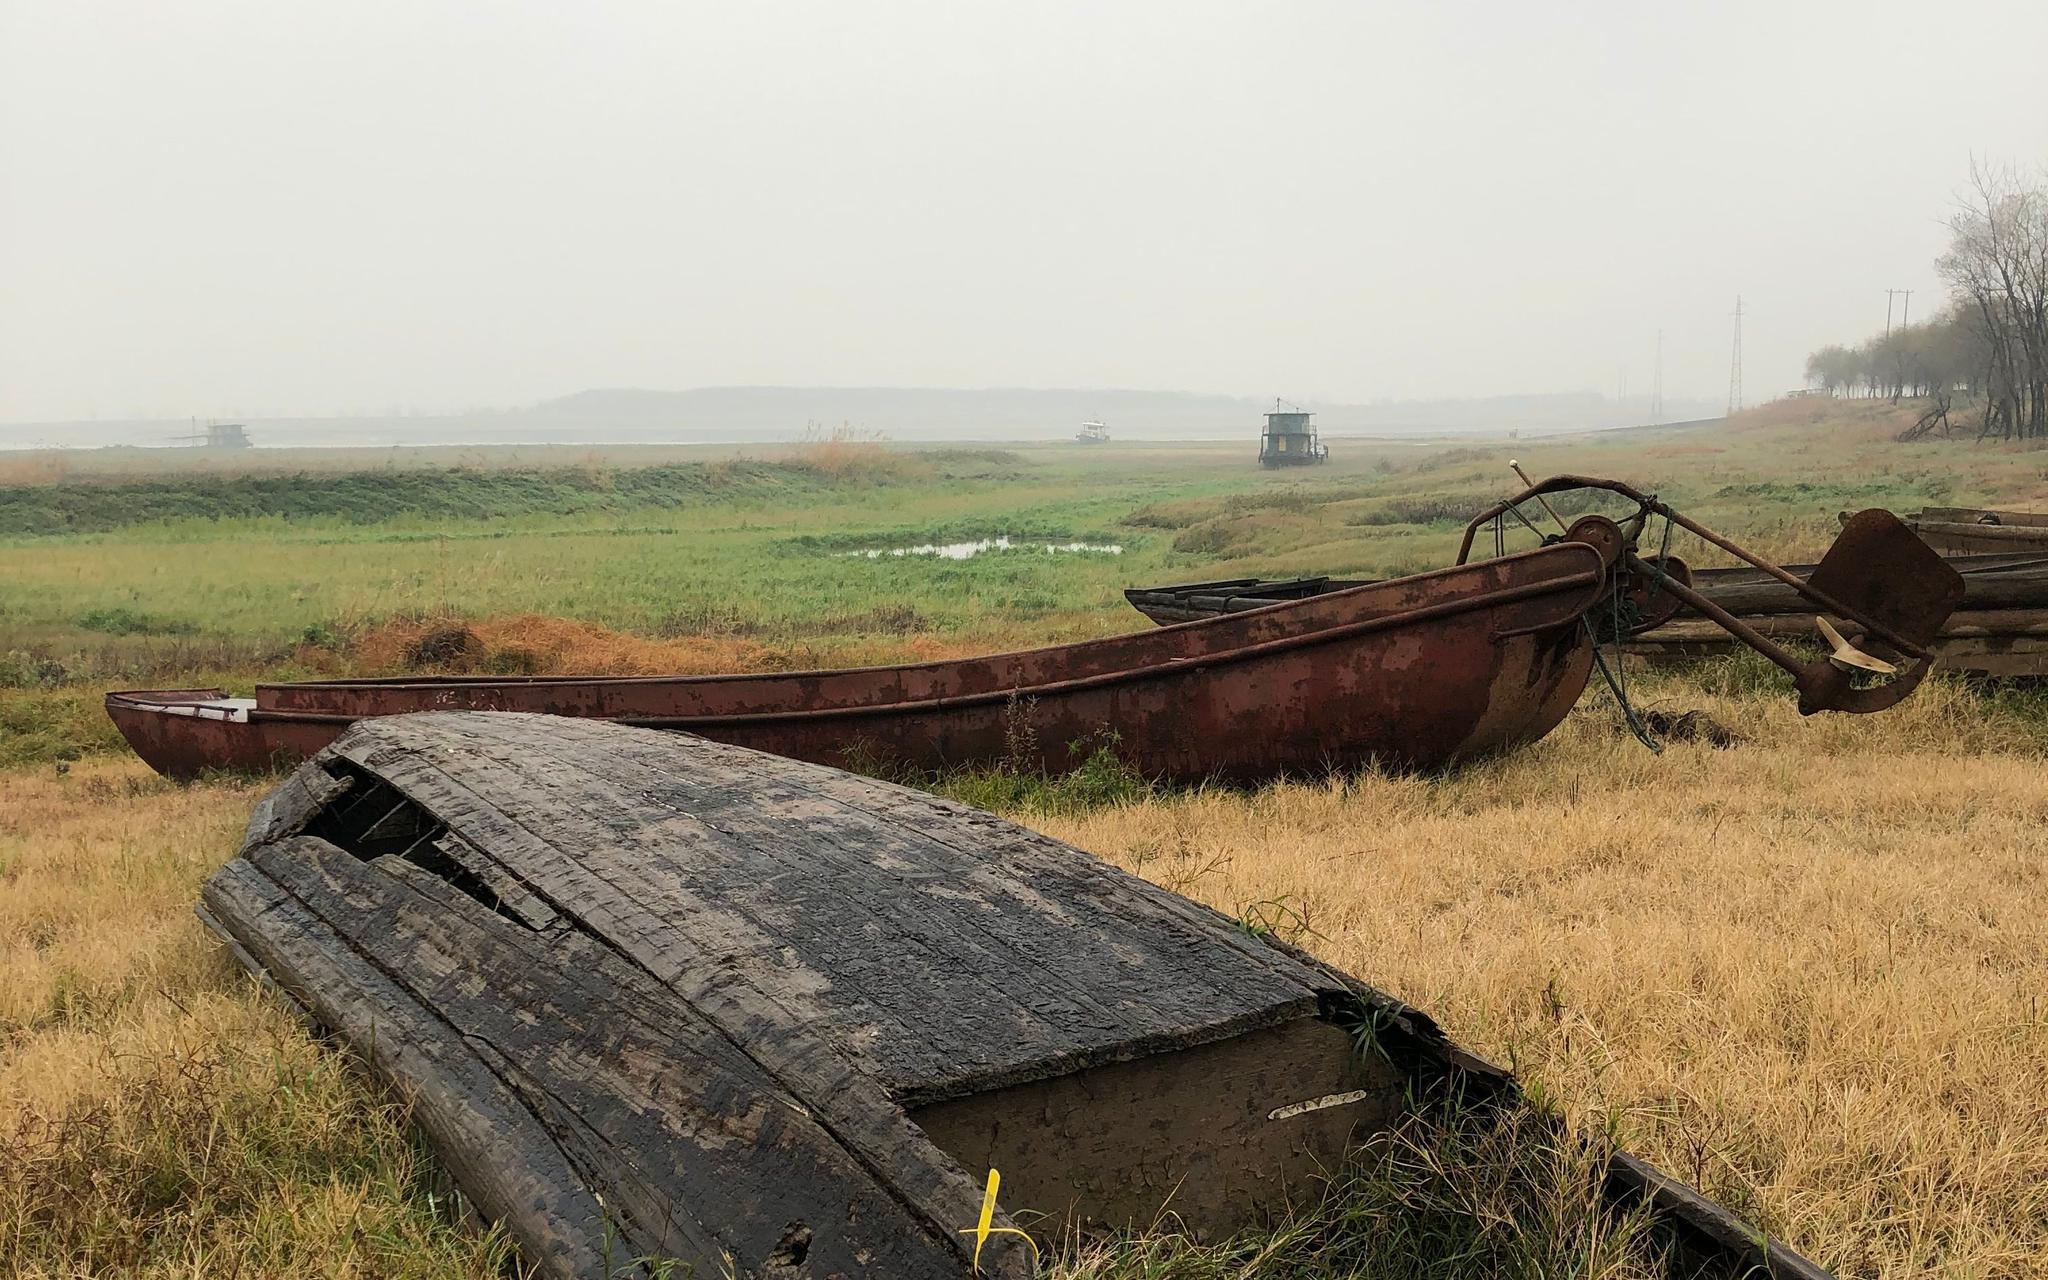 被评估后的渔船。新京报记者 韩沁珂 摄